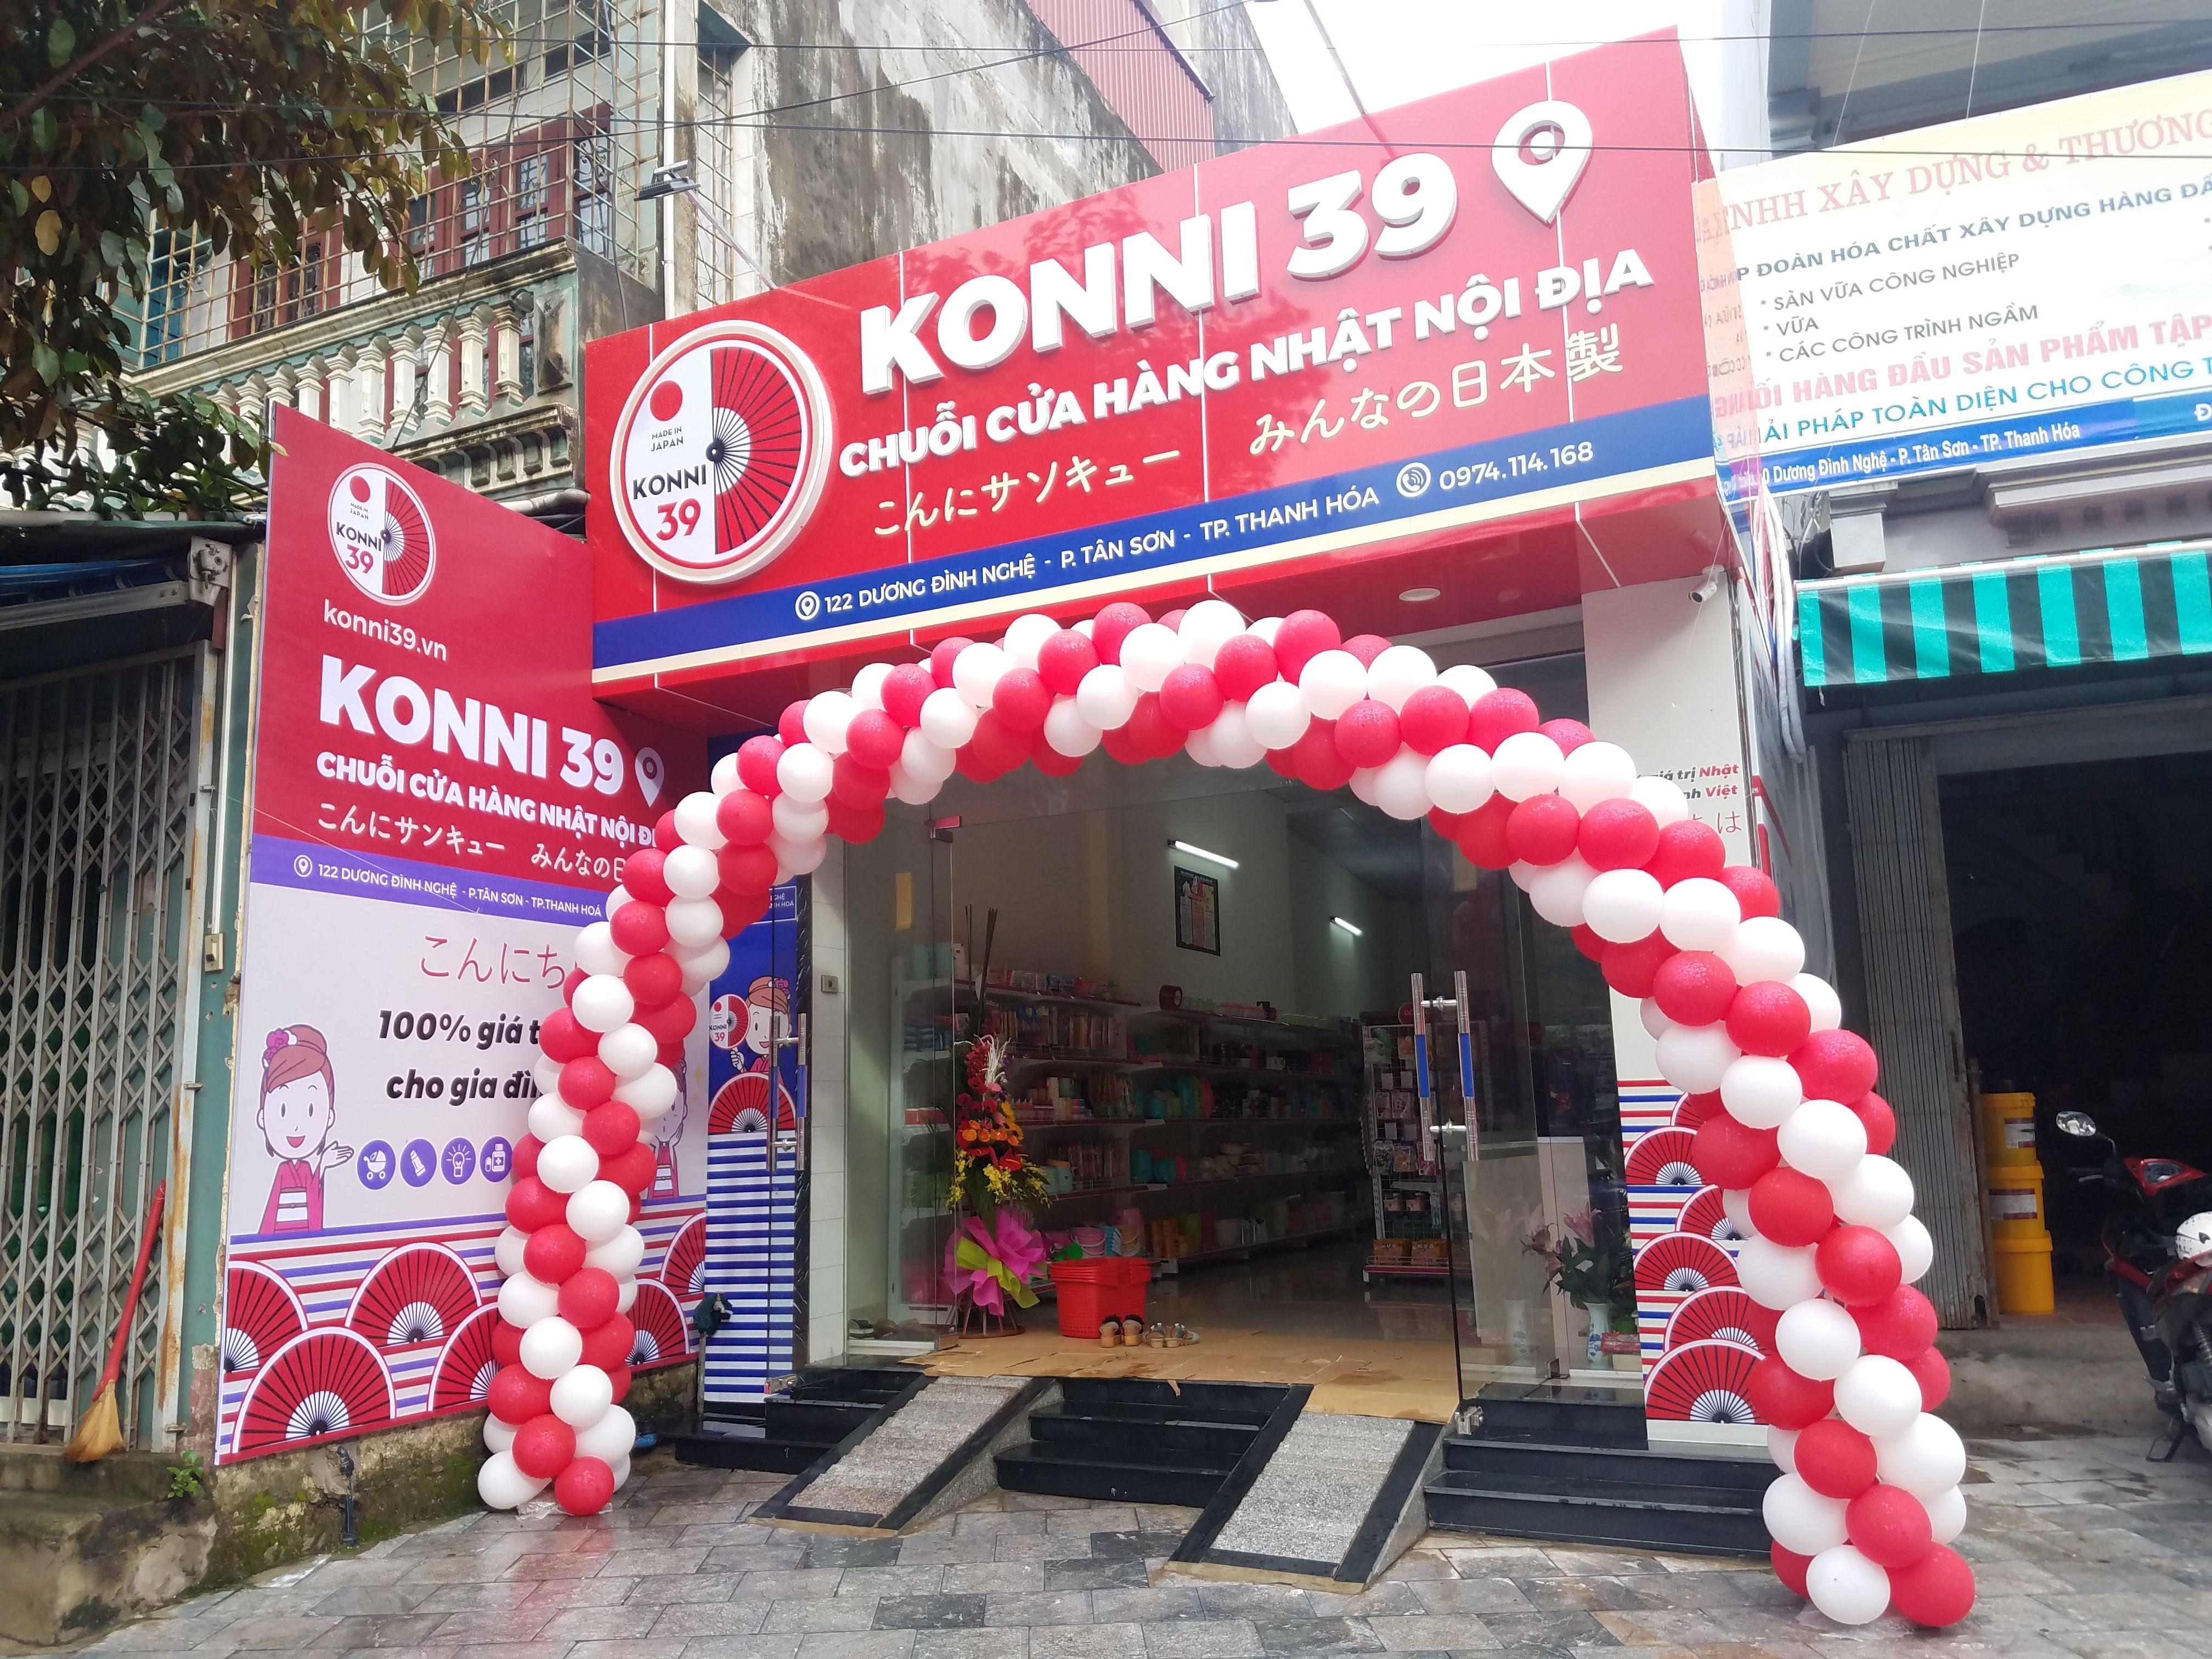 Tưng bừng KHAI TRƯƠNG cửa hàng nội địa Nhật Bản thứ 38 của Konni39 - THANH HÓA